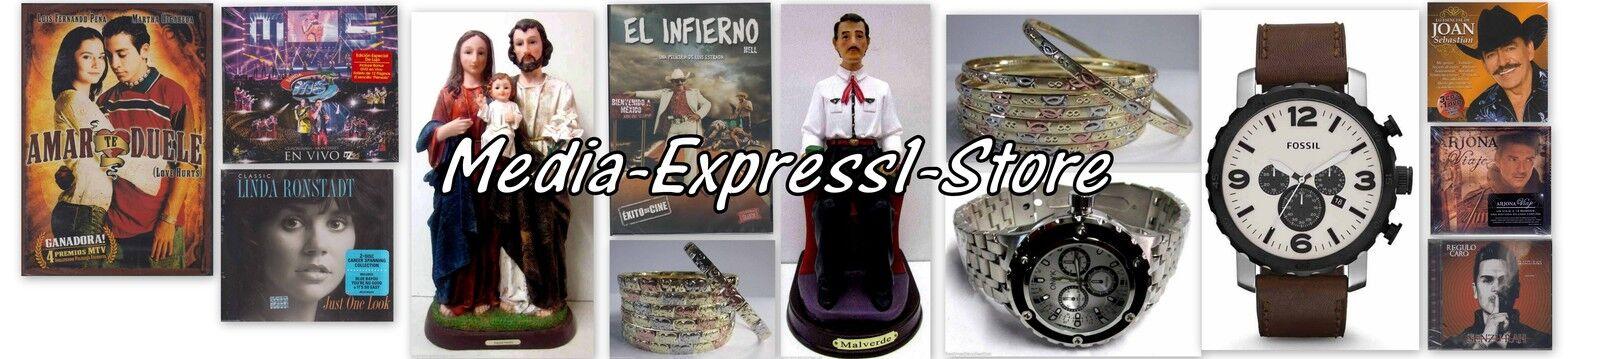 Media-Express1